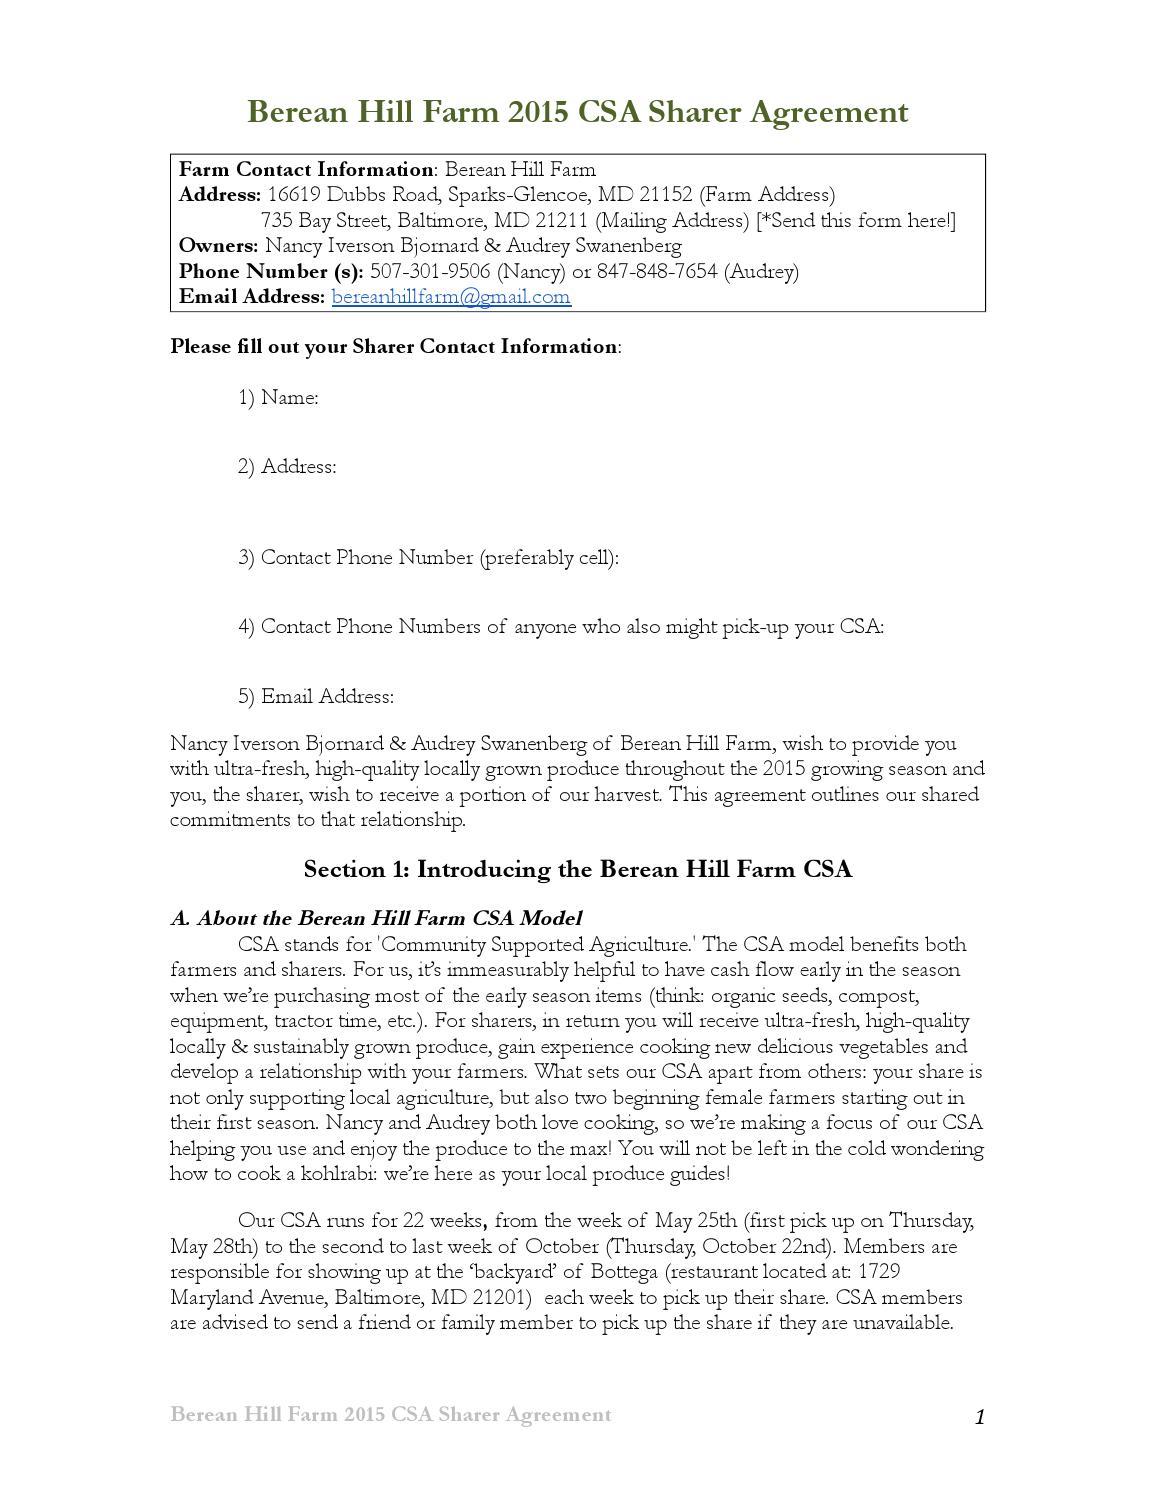 Berean Hill Farm 2015 Csa Sharer Agreement By Berean Hill Farm Issuu